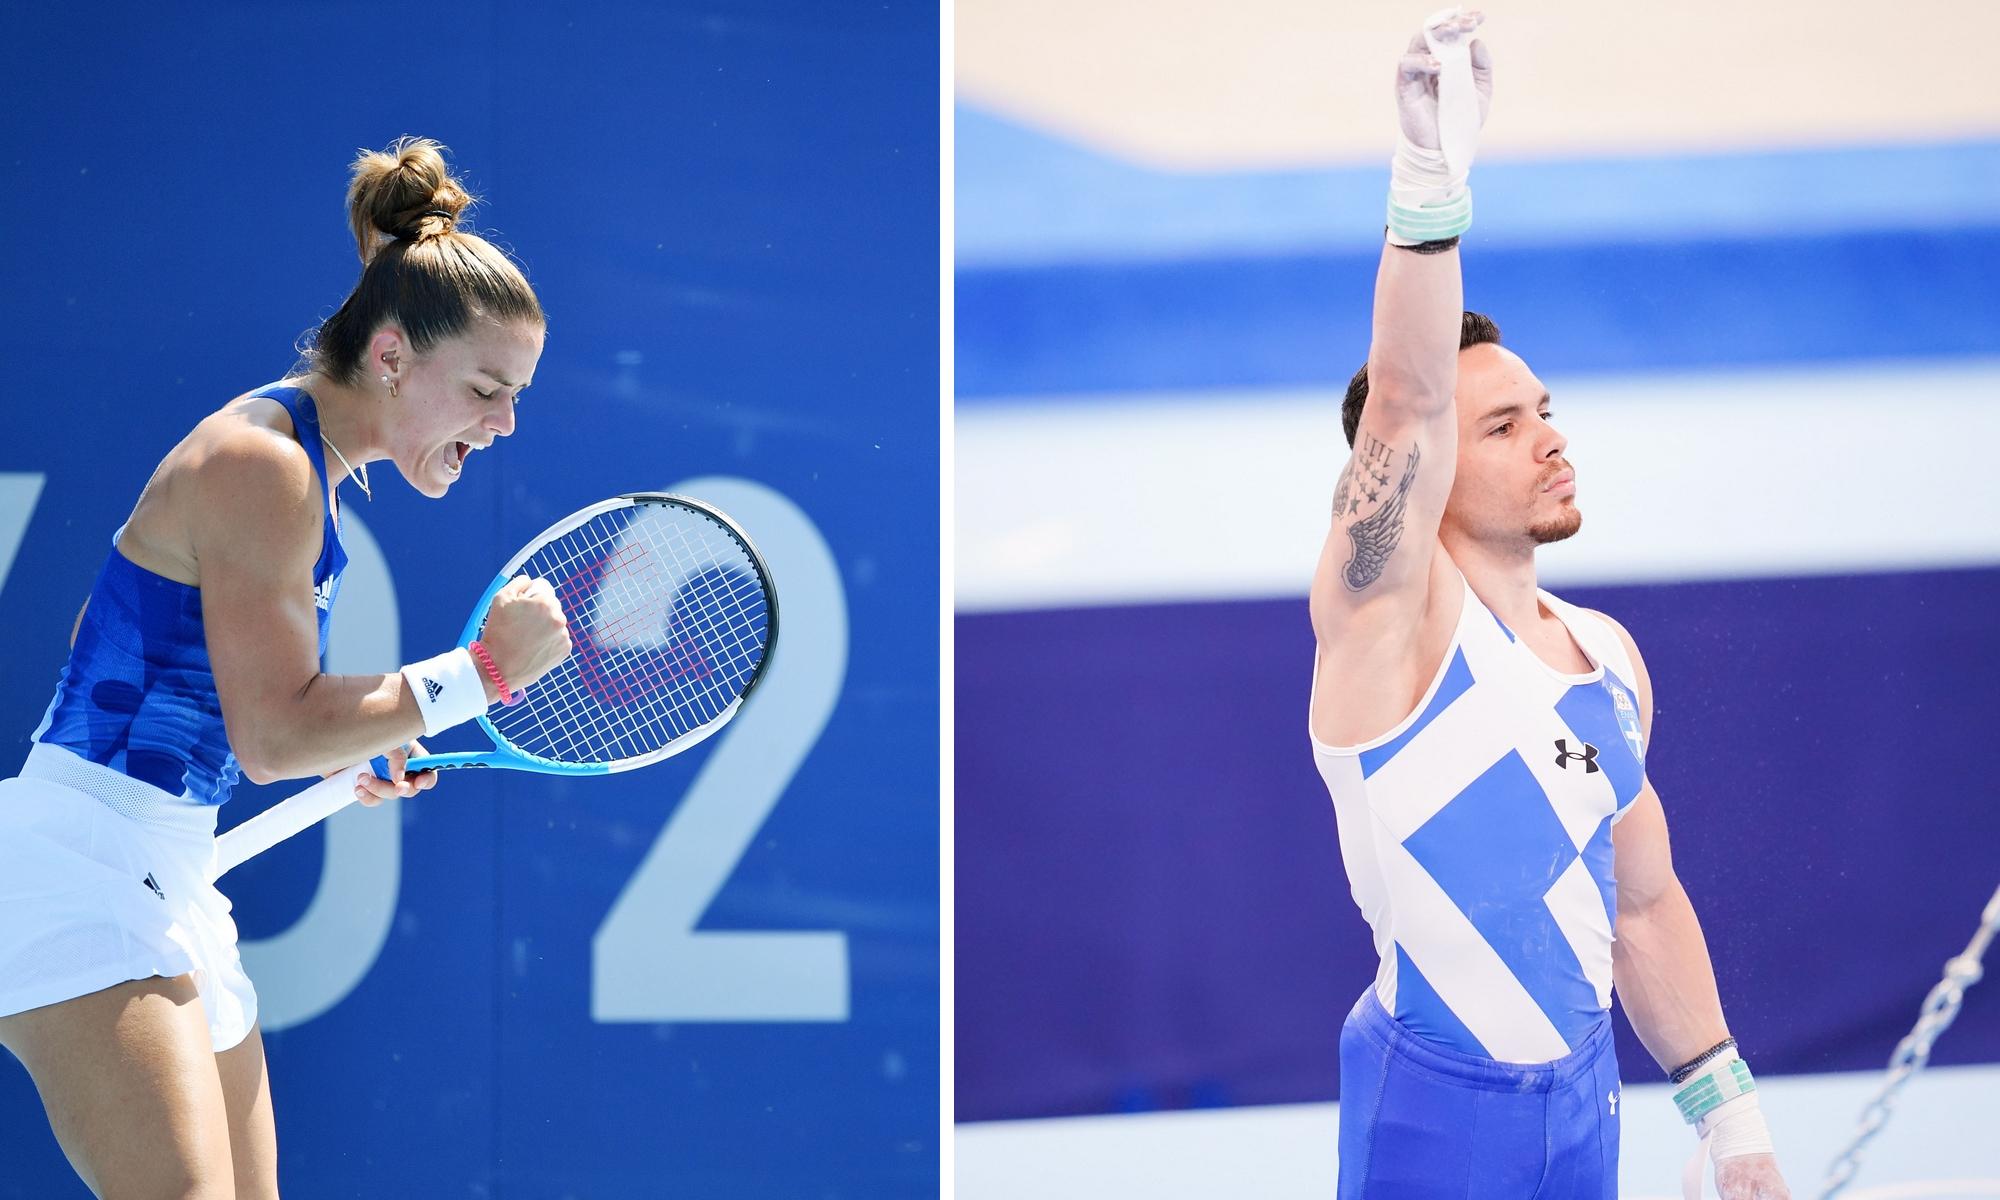 Ολυμπιακοί Αγώνες: Τι έκαναν οι Έλληνες αθλητές σήμερα (24/07)